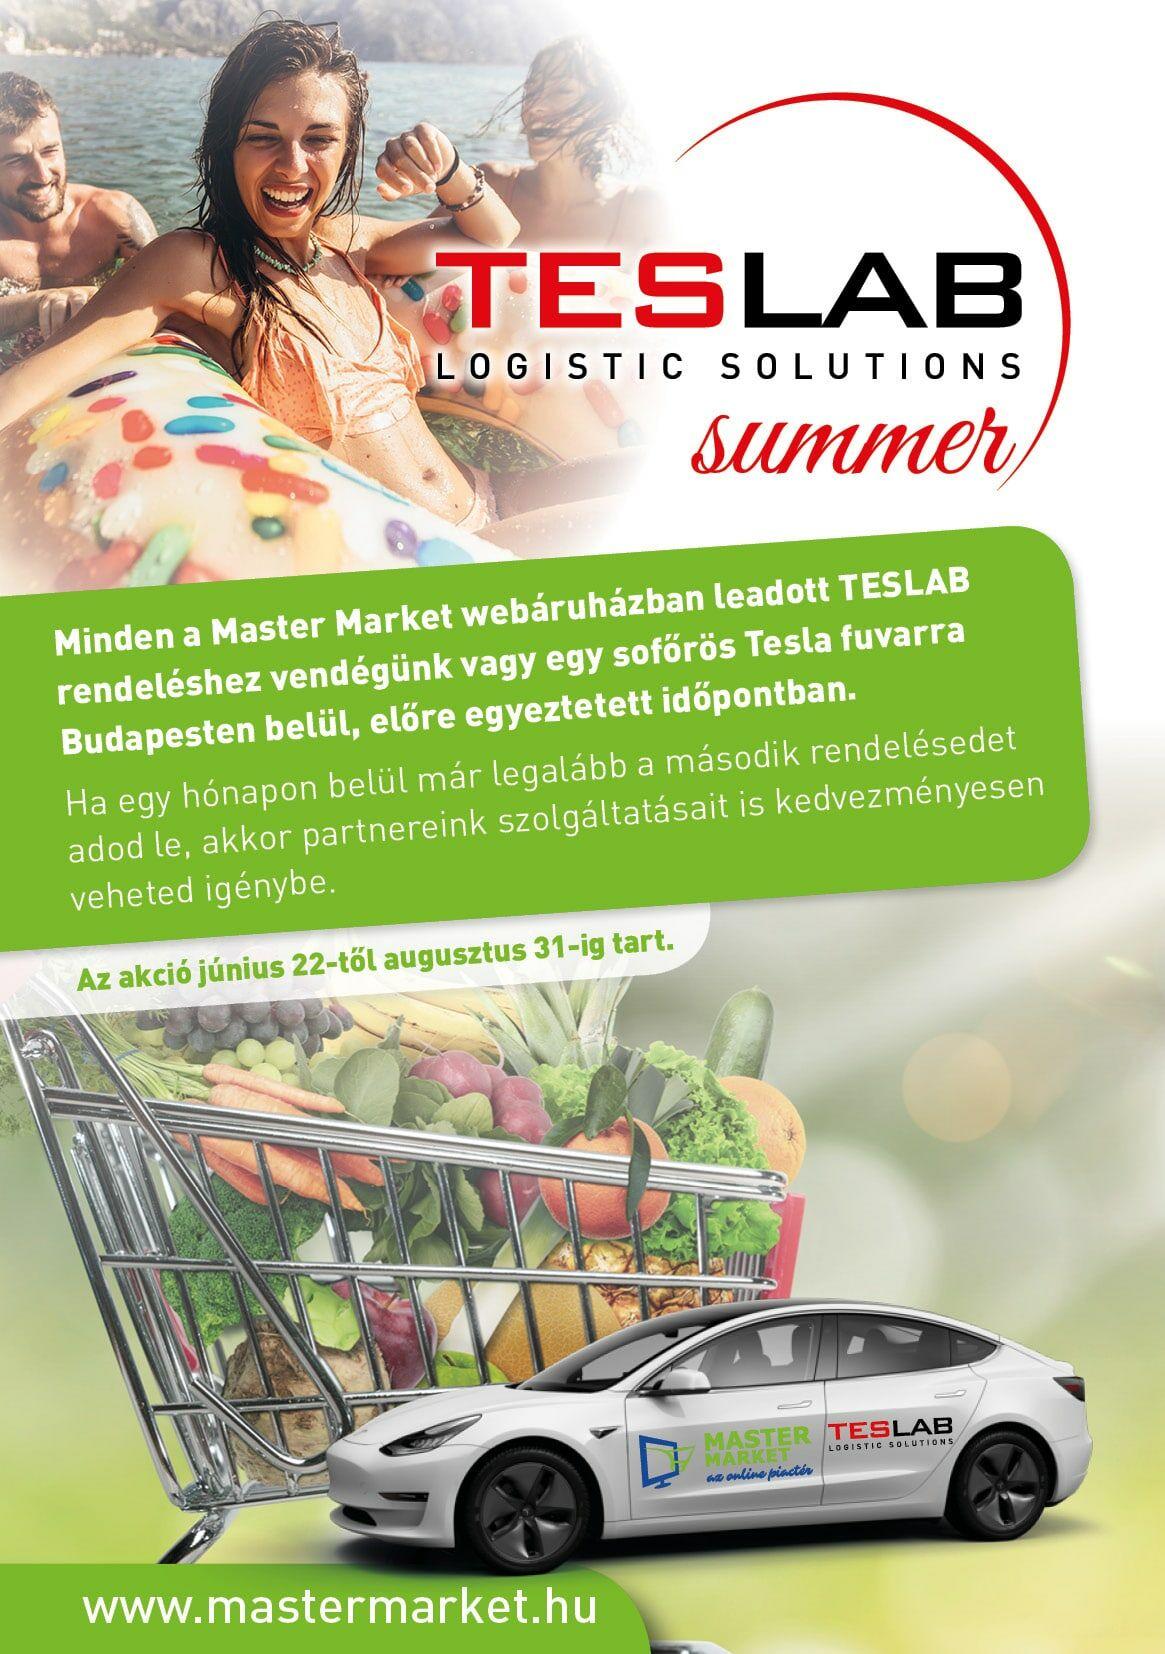 TESLAB Mastermarket.hu élelmiszer házhozszállítás